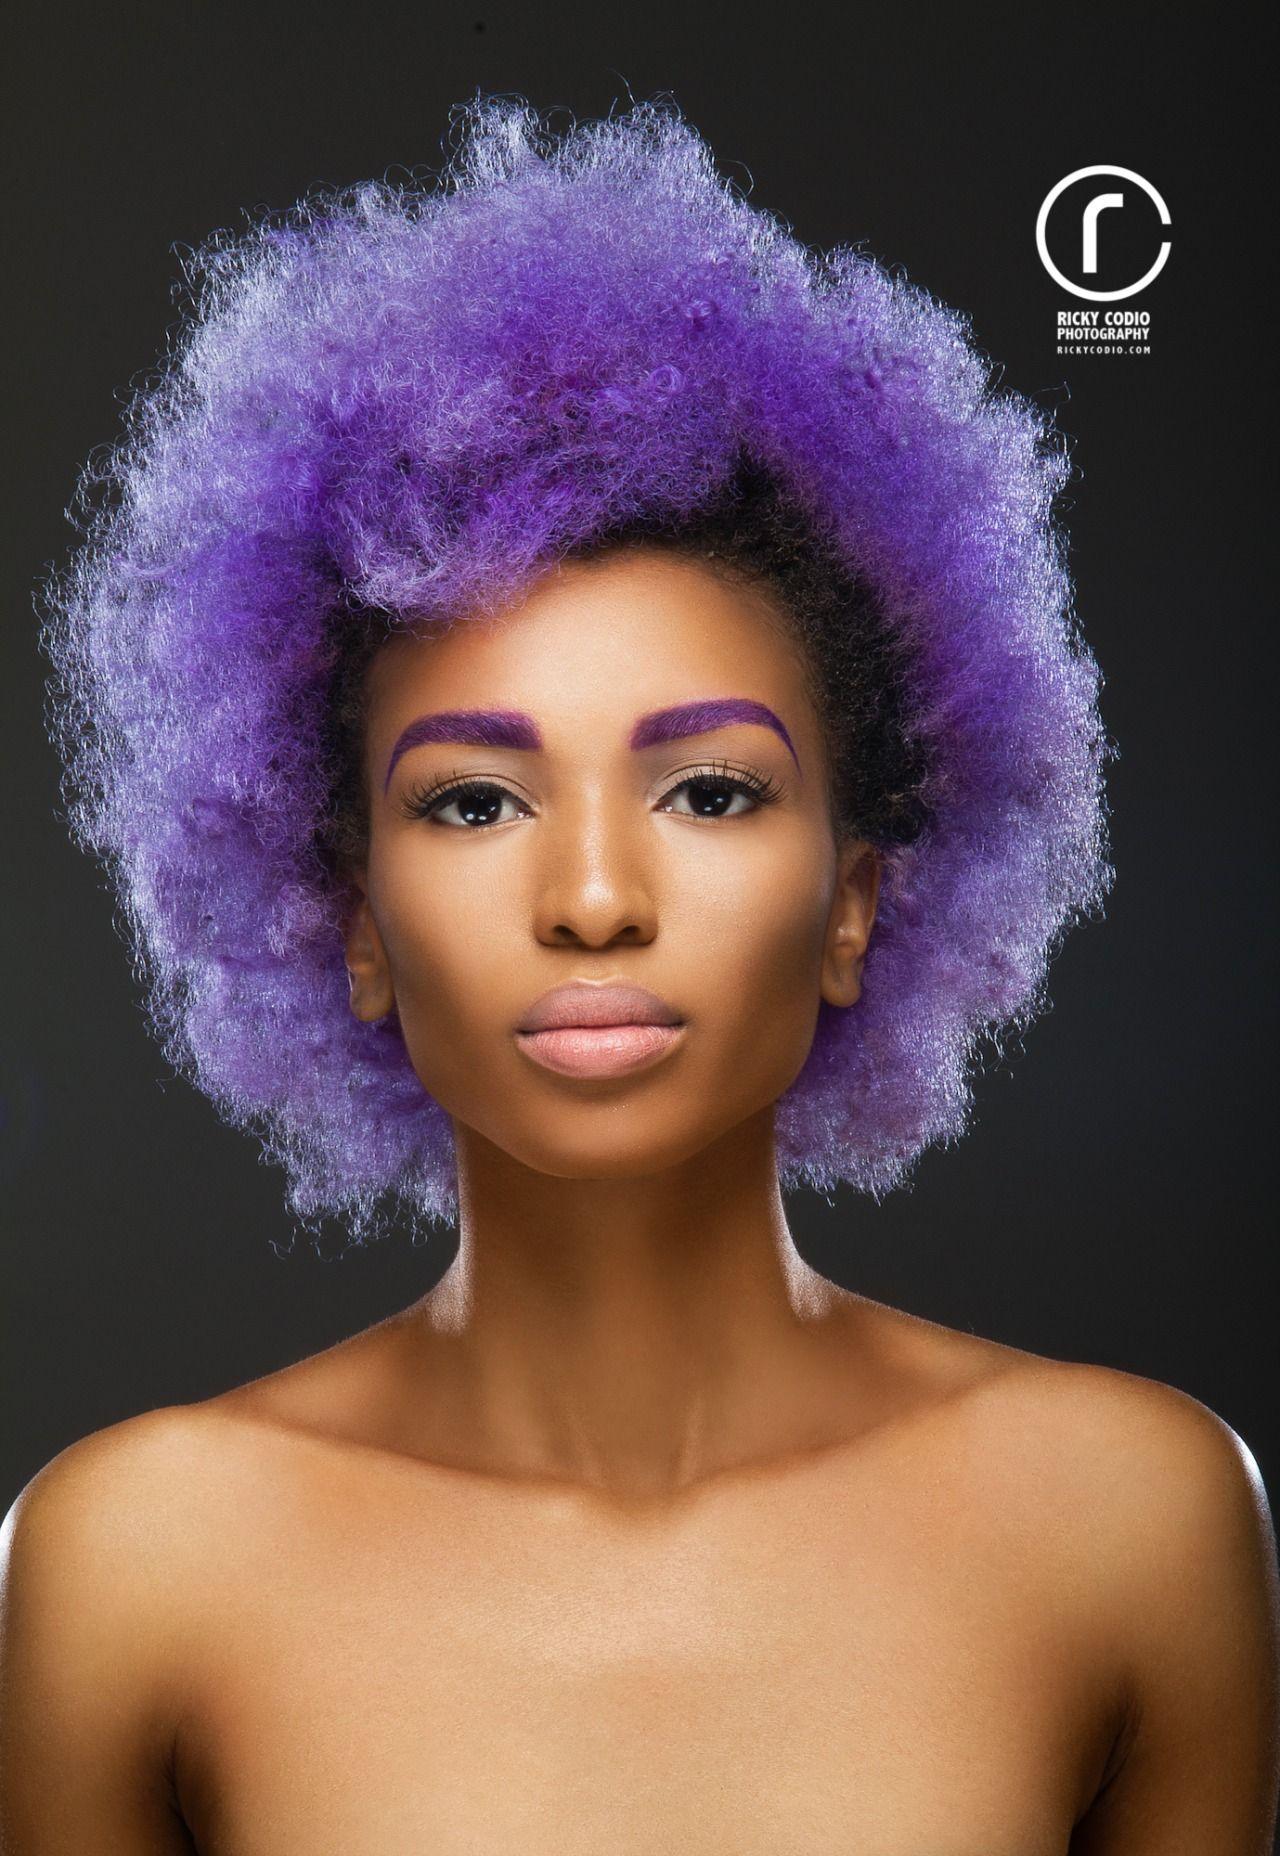 """blackfashion: """" Model - Elaine Afrika http://elaineafrika.tumblr.com/ Instagram - @elaineAfrika Photographer - Ricky Codio, IG- @rickycodio MUA - IG @shadesofjacen Hairstylist - IG @yazzo_jhs """""""